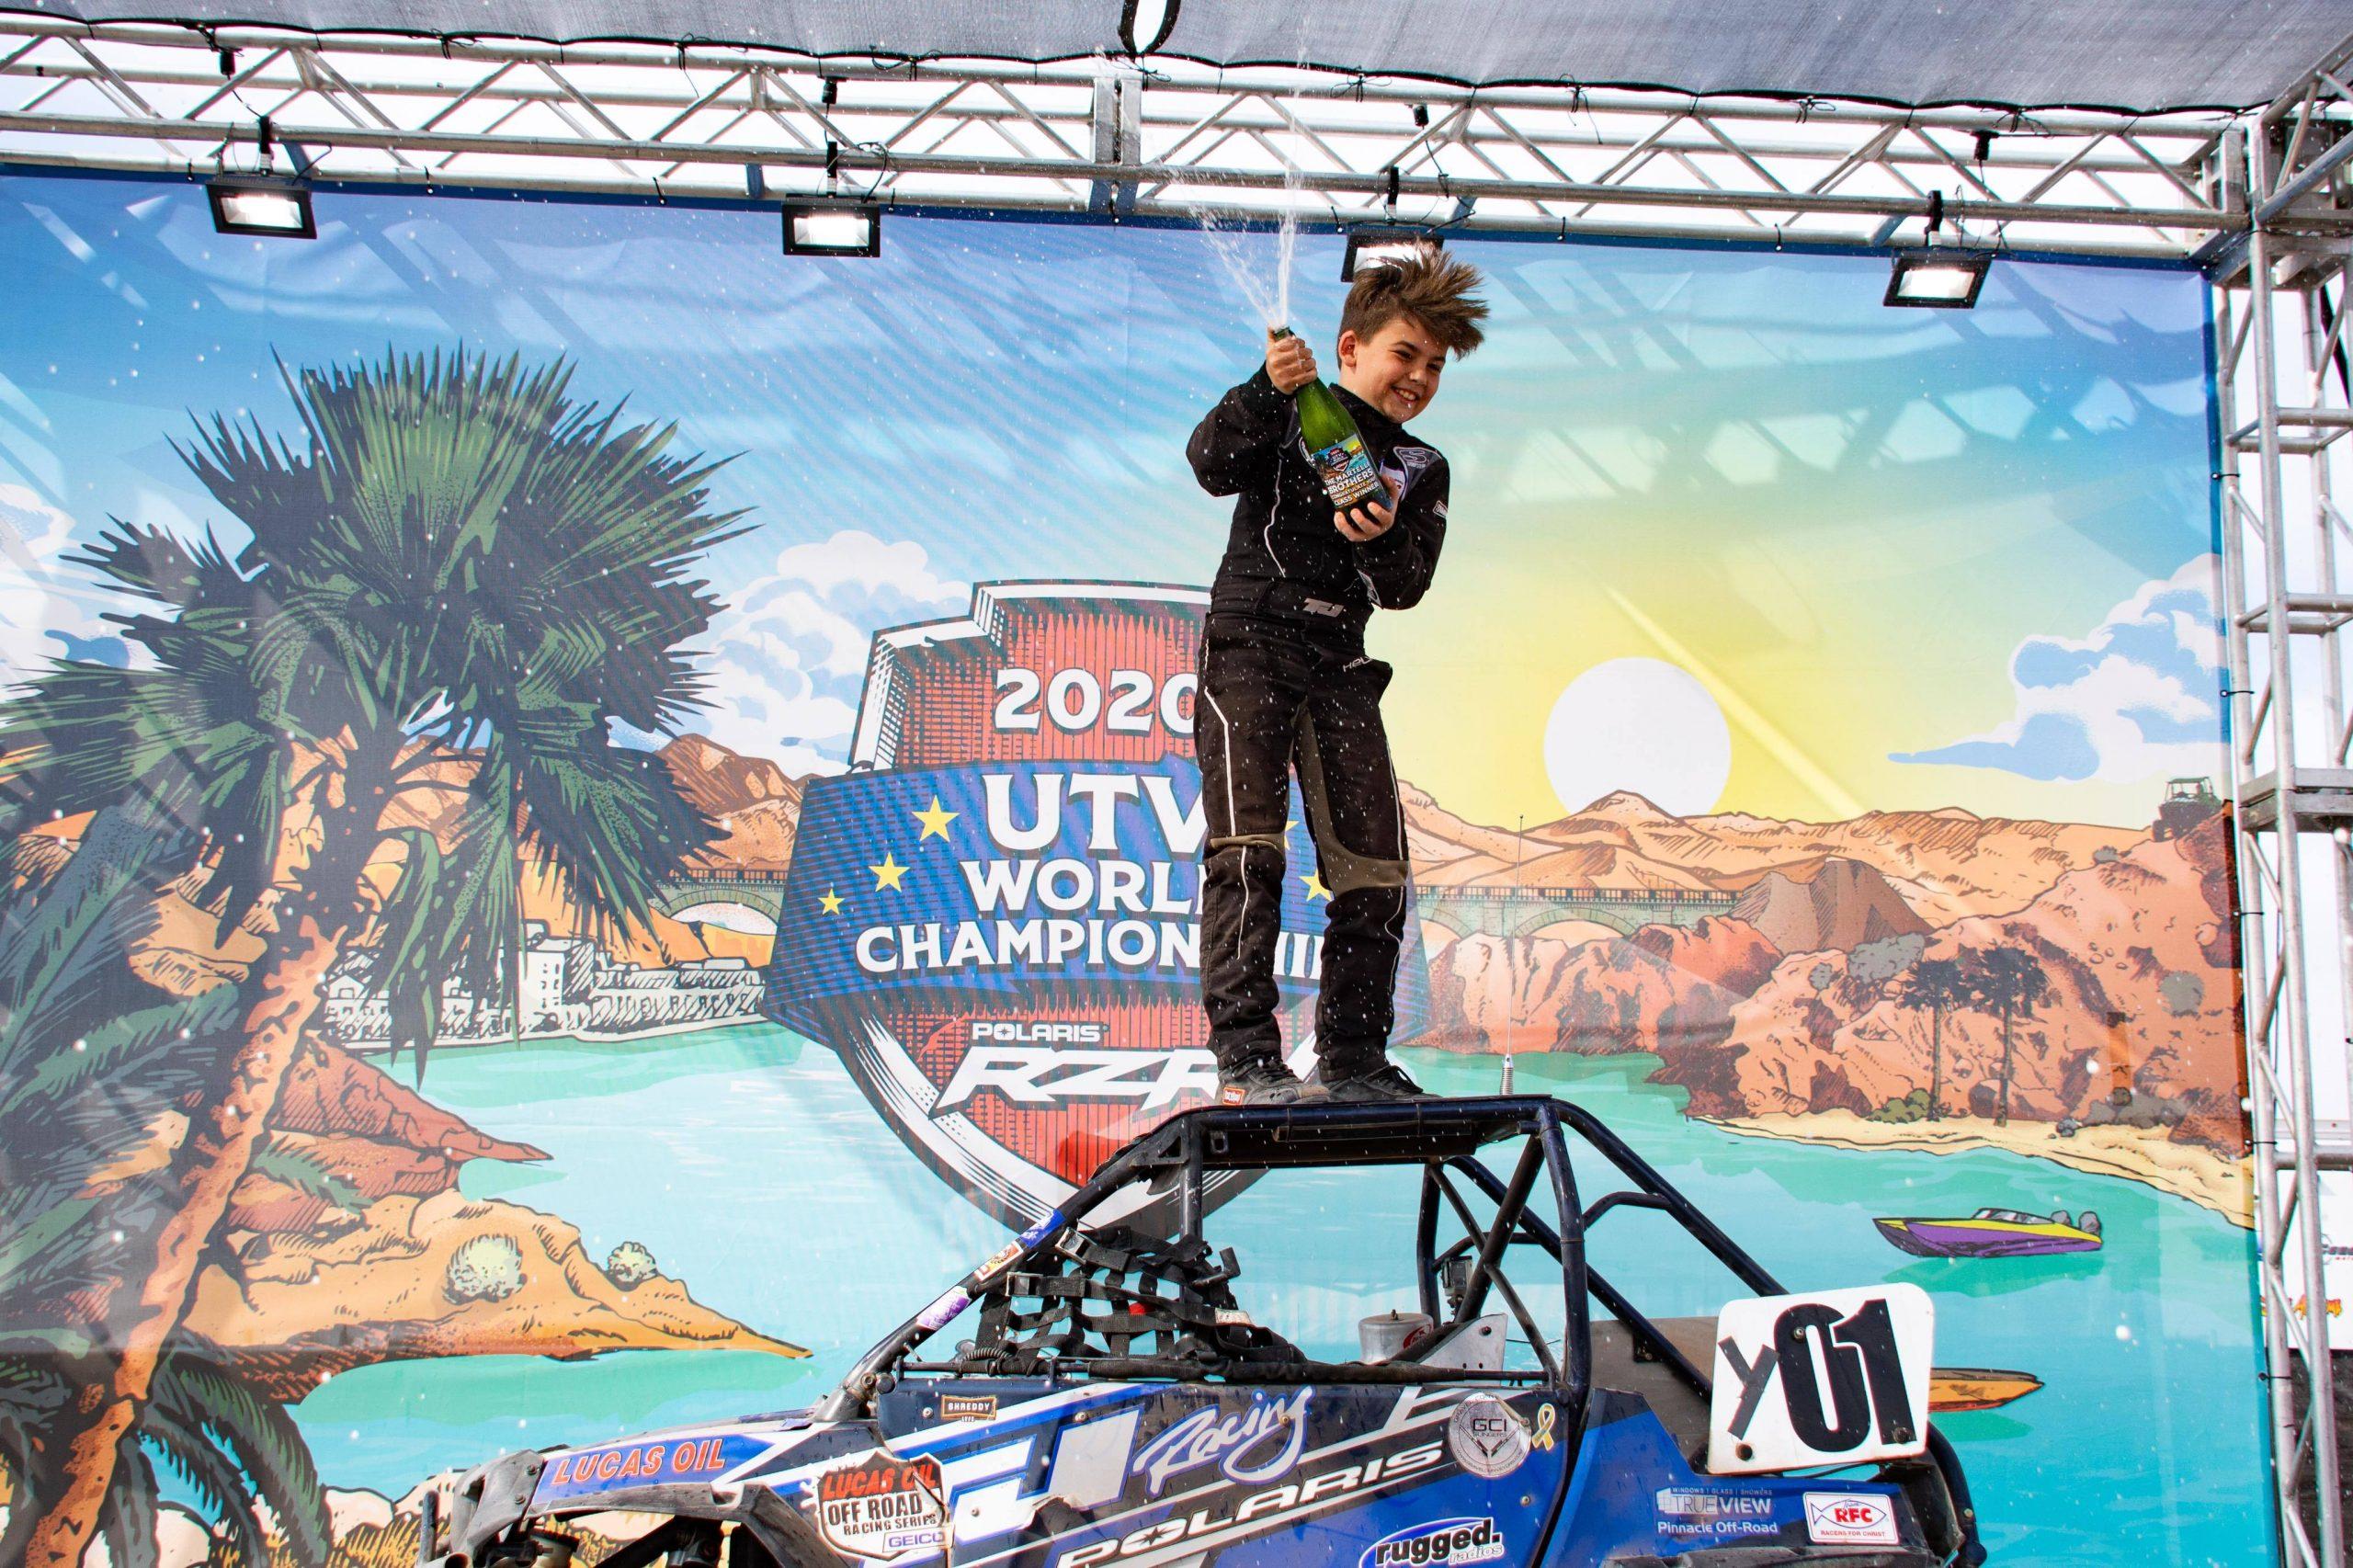 201011 The UTV World Championship (3)